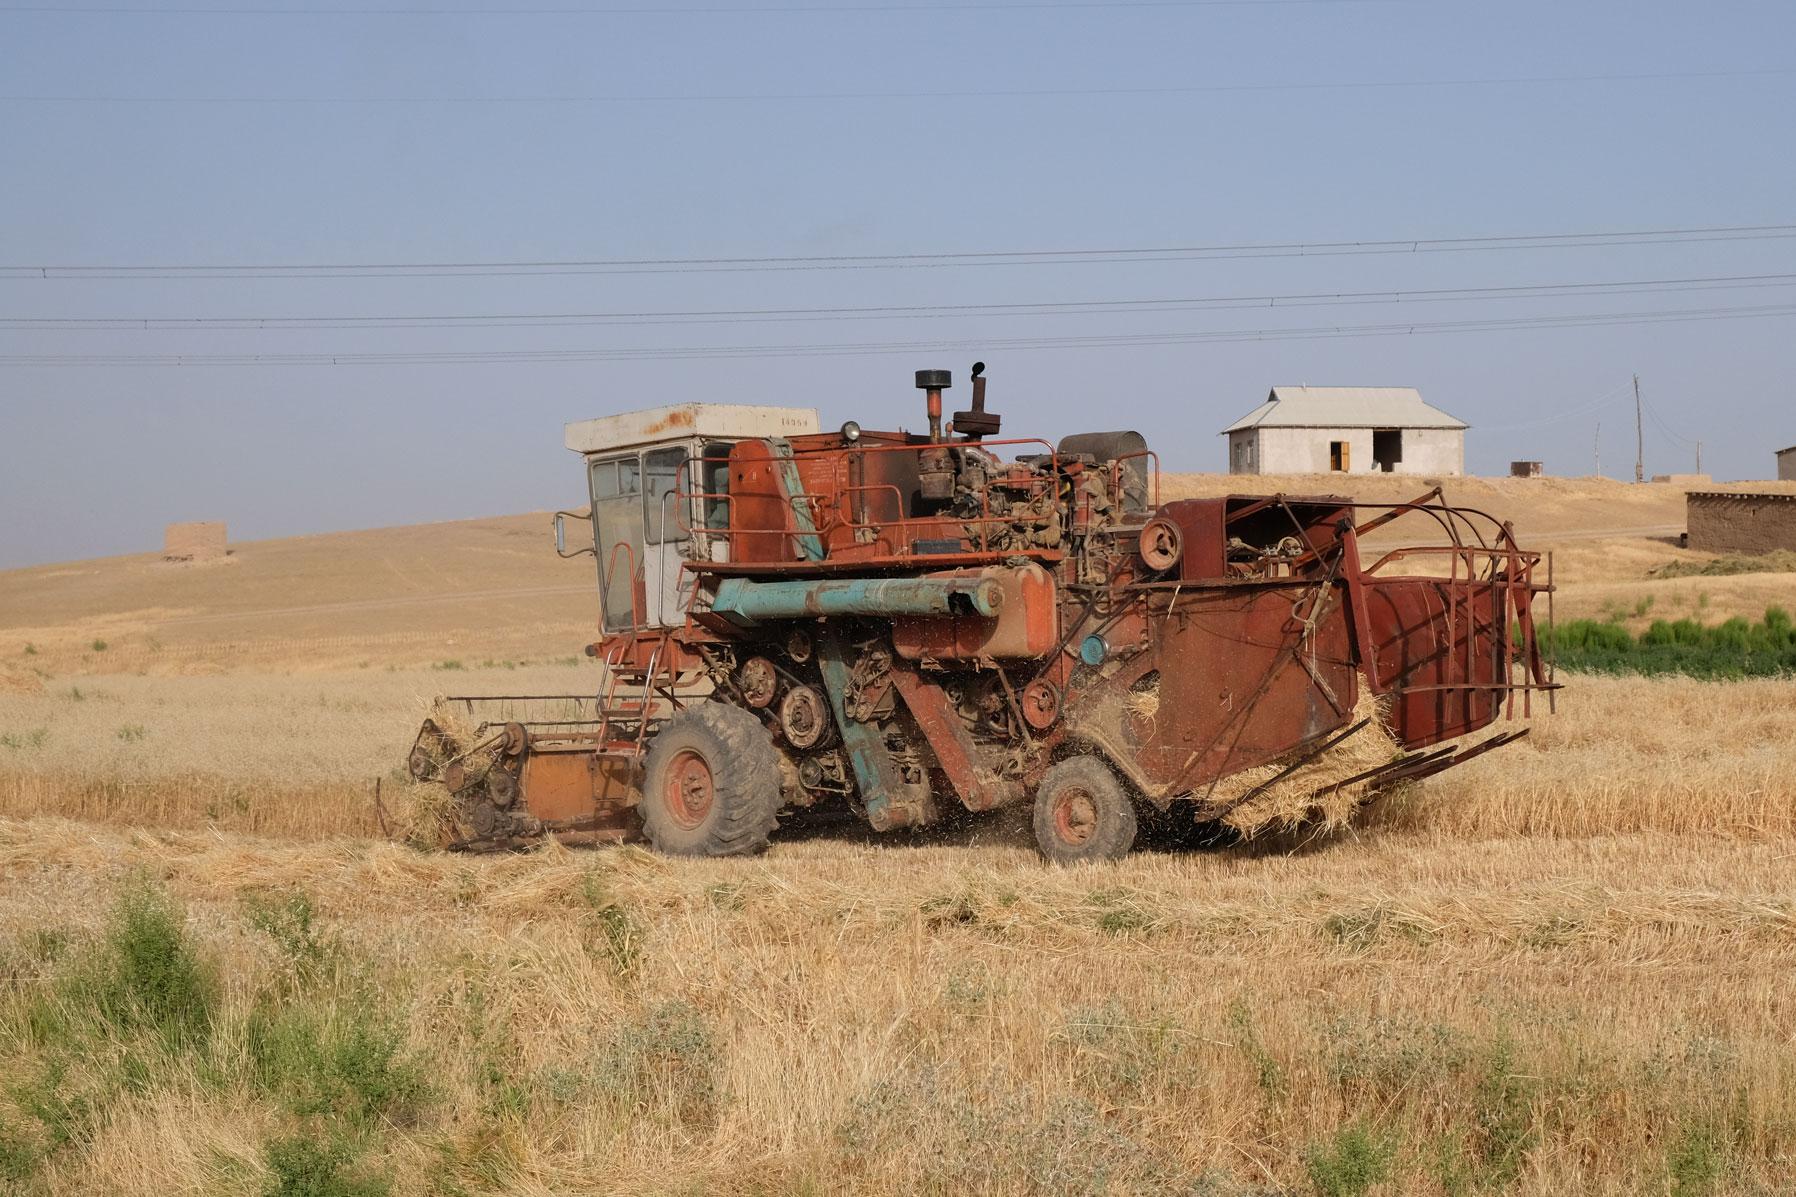 Ein Mähdrescher erntet ein Getreidefeld ab